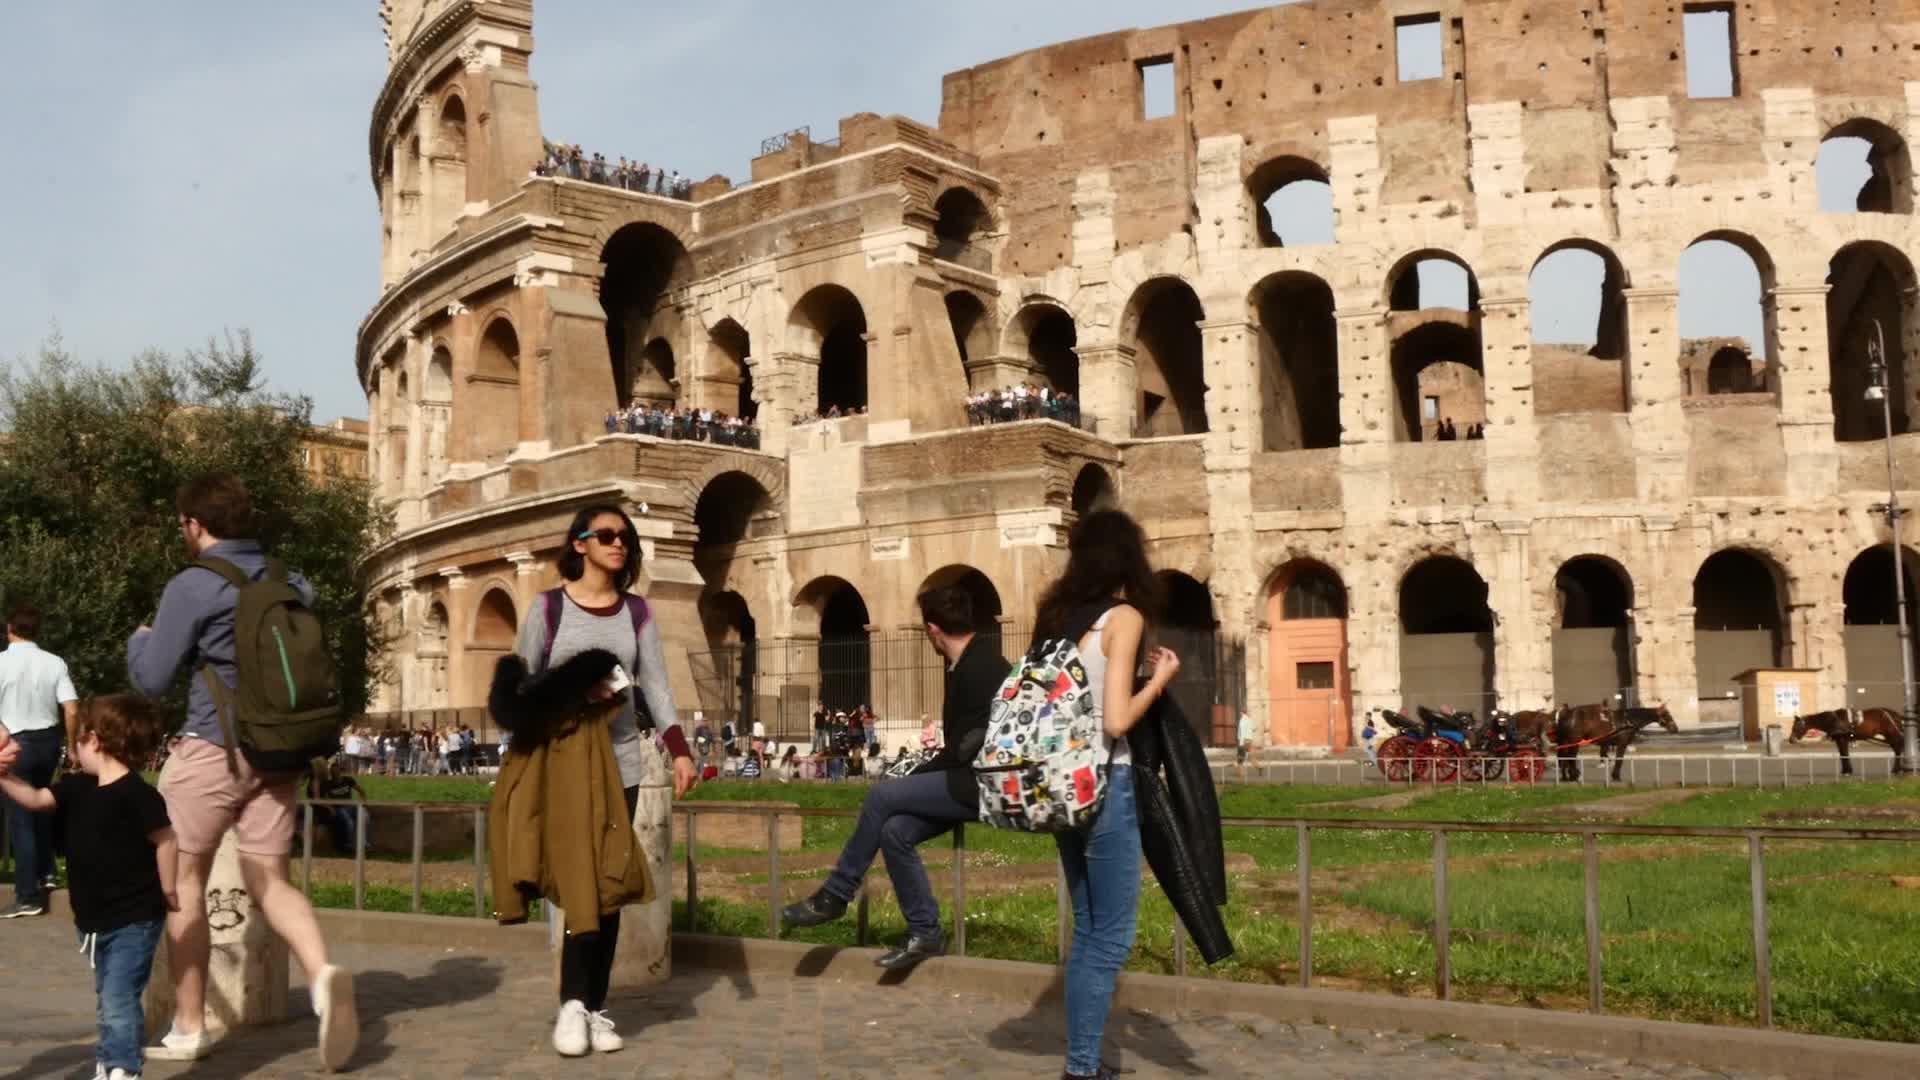 When Disaster Struck Pompeii Again